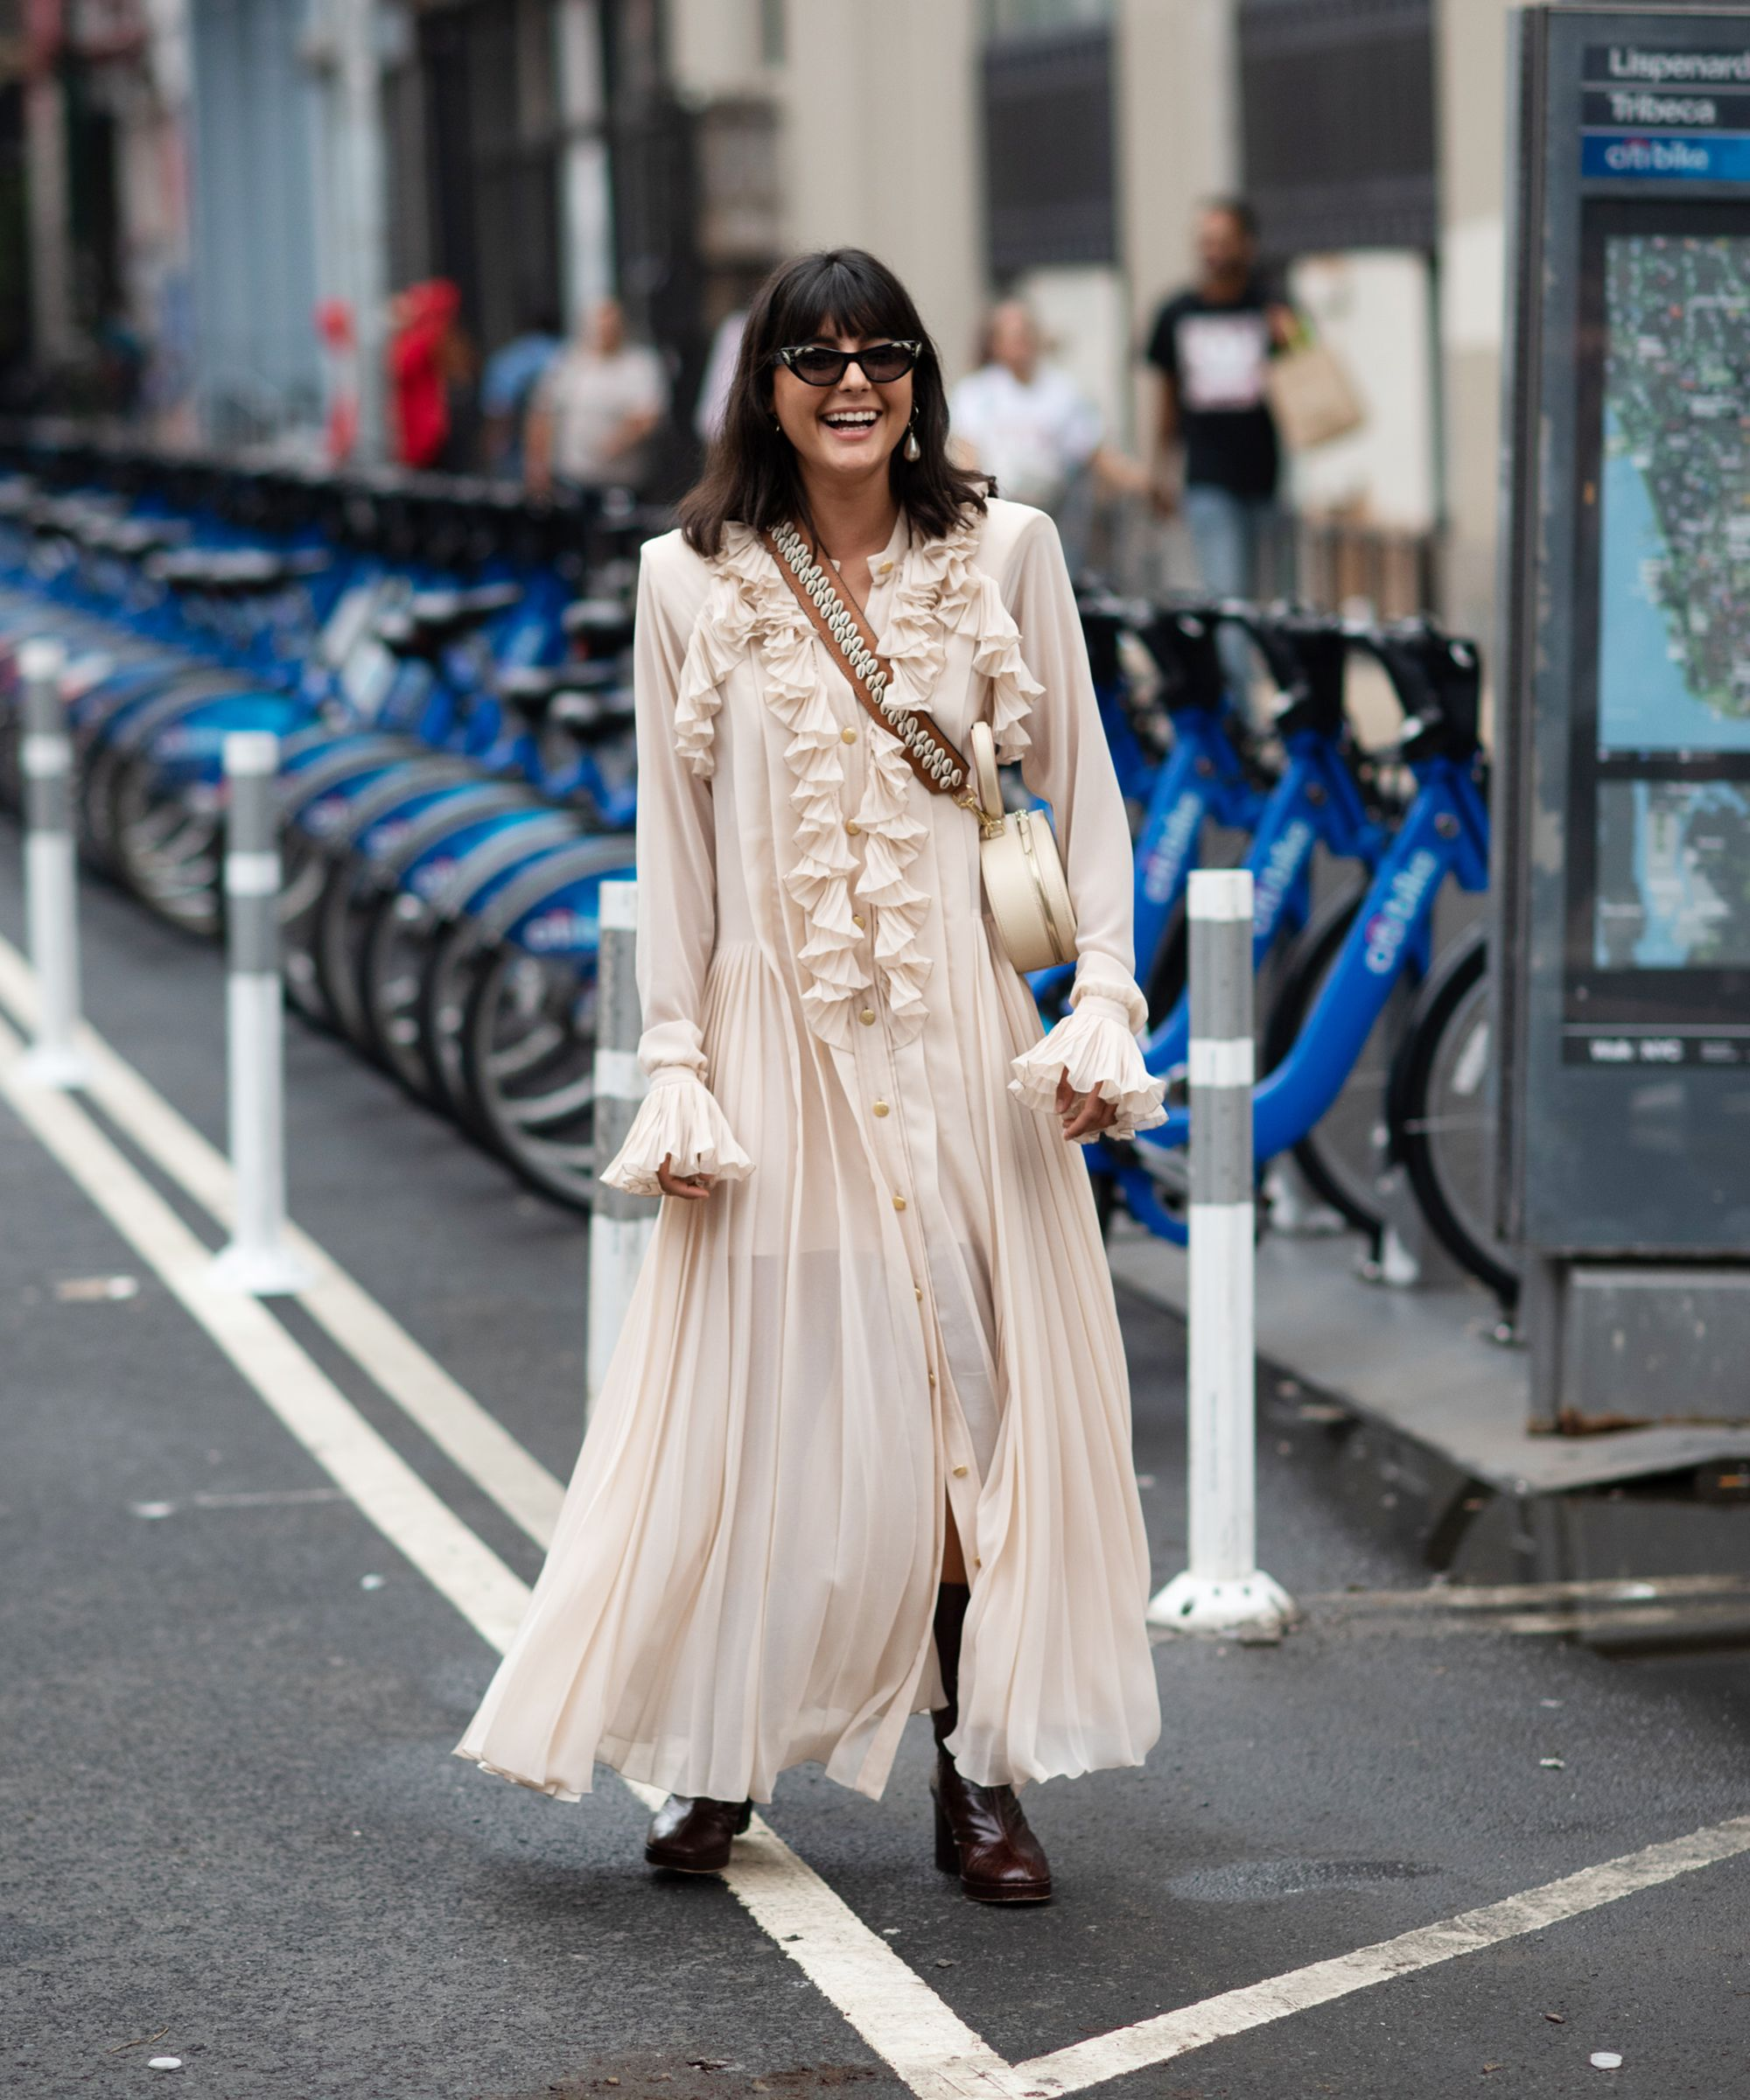 """fashionista diện váy đồng cỏ màu beige (màu """"nịnh"""" da) cùng túi xách đeo chéo và kính mát bản lớn"""